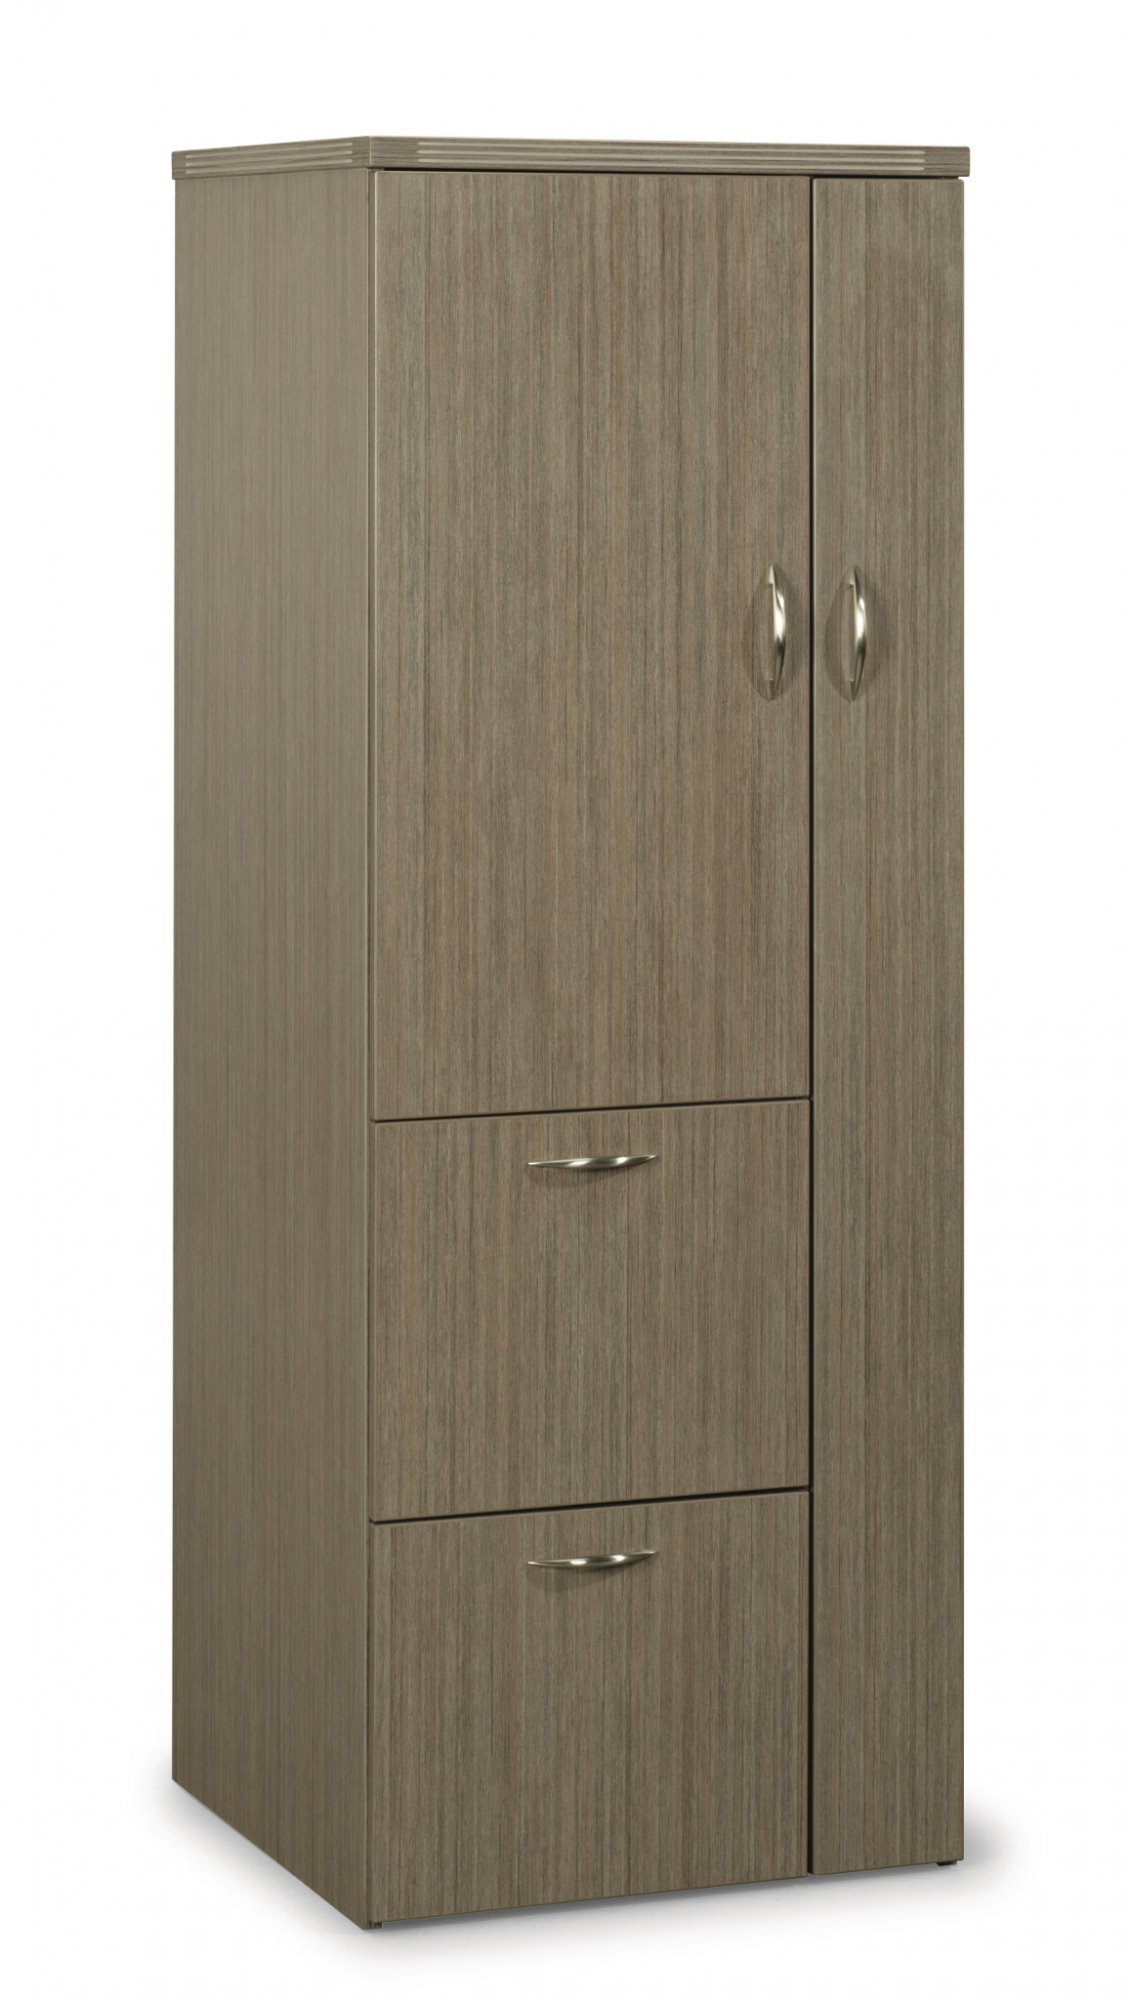 Fairplex  Storage Wardrobe Cabinet